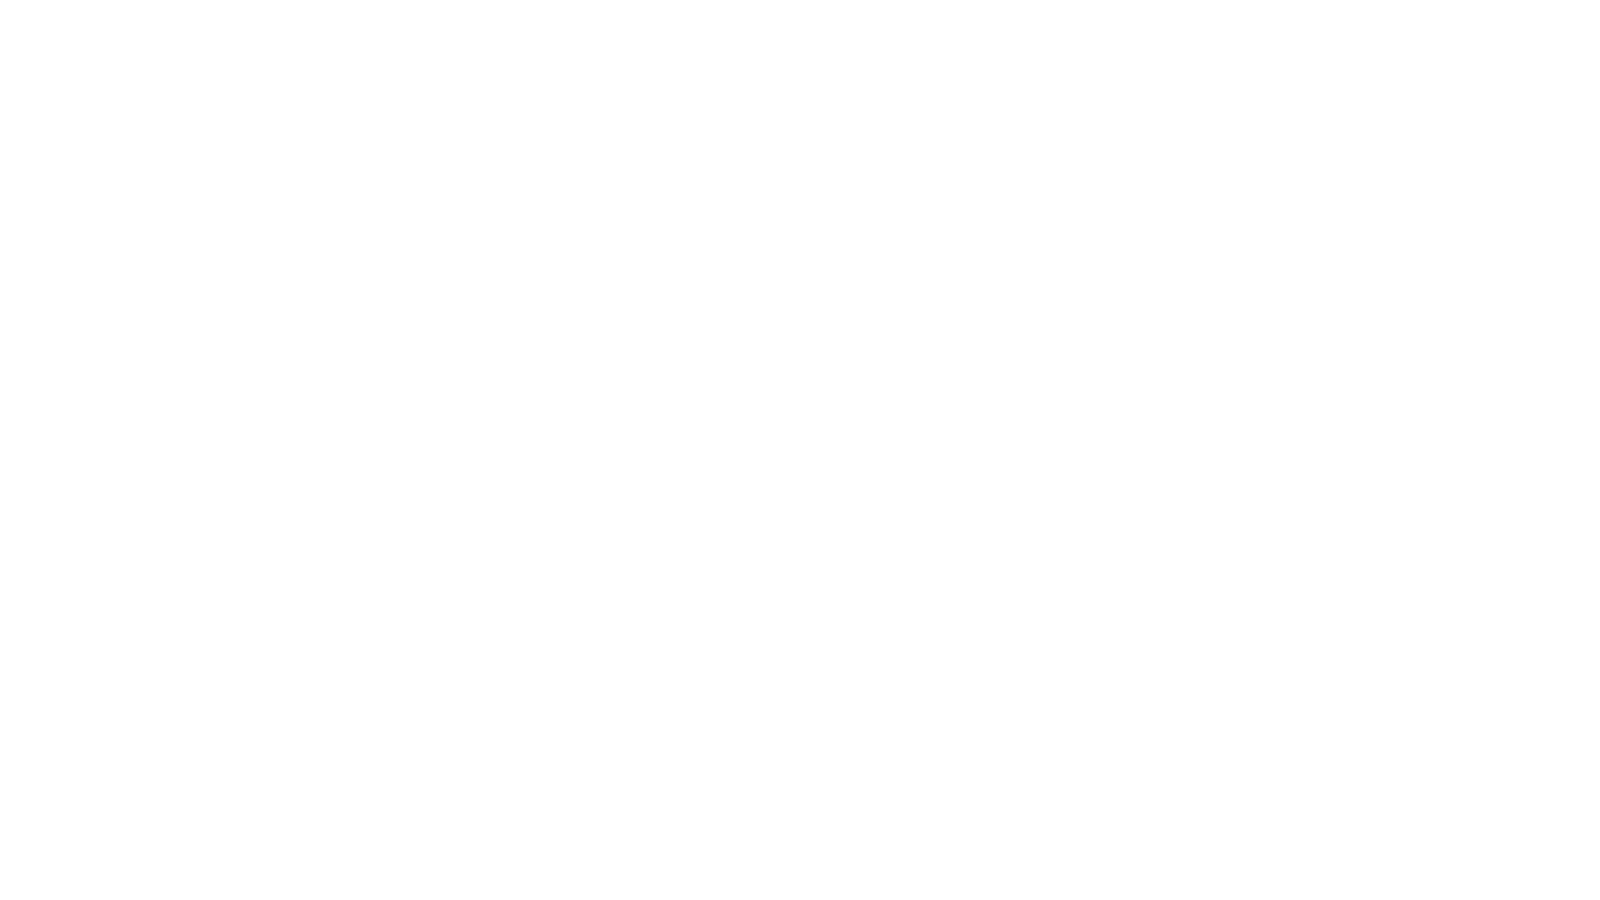 📌https://www.immobiliarefiore.it/immobili/100-mq-pronti-da-vivere-per-chi-ama-la-tranquillita/  ✅ Una casa pronta da VIVERE per chi ama la Tranquillità  ✅ 100 MQ ben distribuiti in OTTIMO stato  ✅ Soggiorno - Cucina - Due Camere - Bagno - Due Balconi  ✅ Dotato anche di Cantina e Garage   ✅ Totalmente ARREDATO !!!!!!  👉 Chiama subito : Alessandro 3929582468.  🎬 Se questo video ti è piaciuto regalaci un like 👍, è frutto di tanta passione e amore per ciò che facciamo. Noi ci mettiamo il 💖!